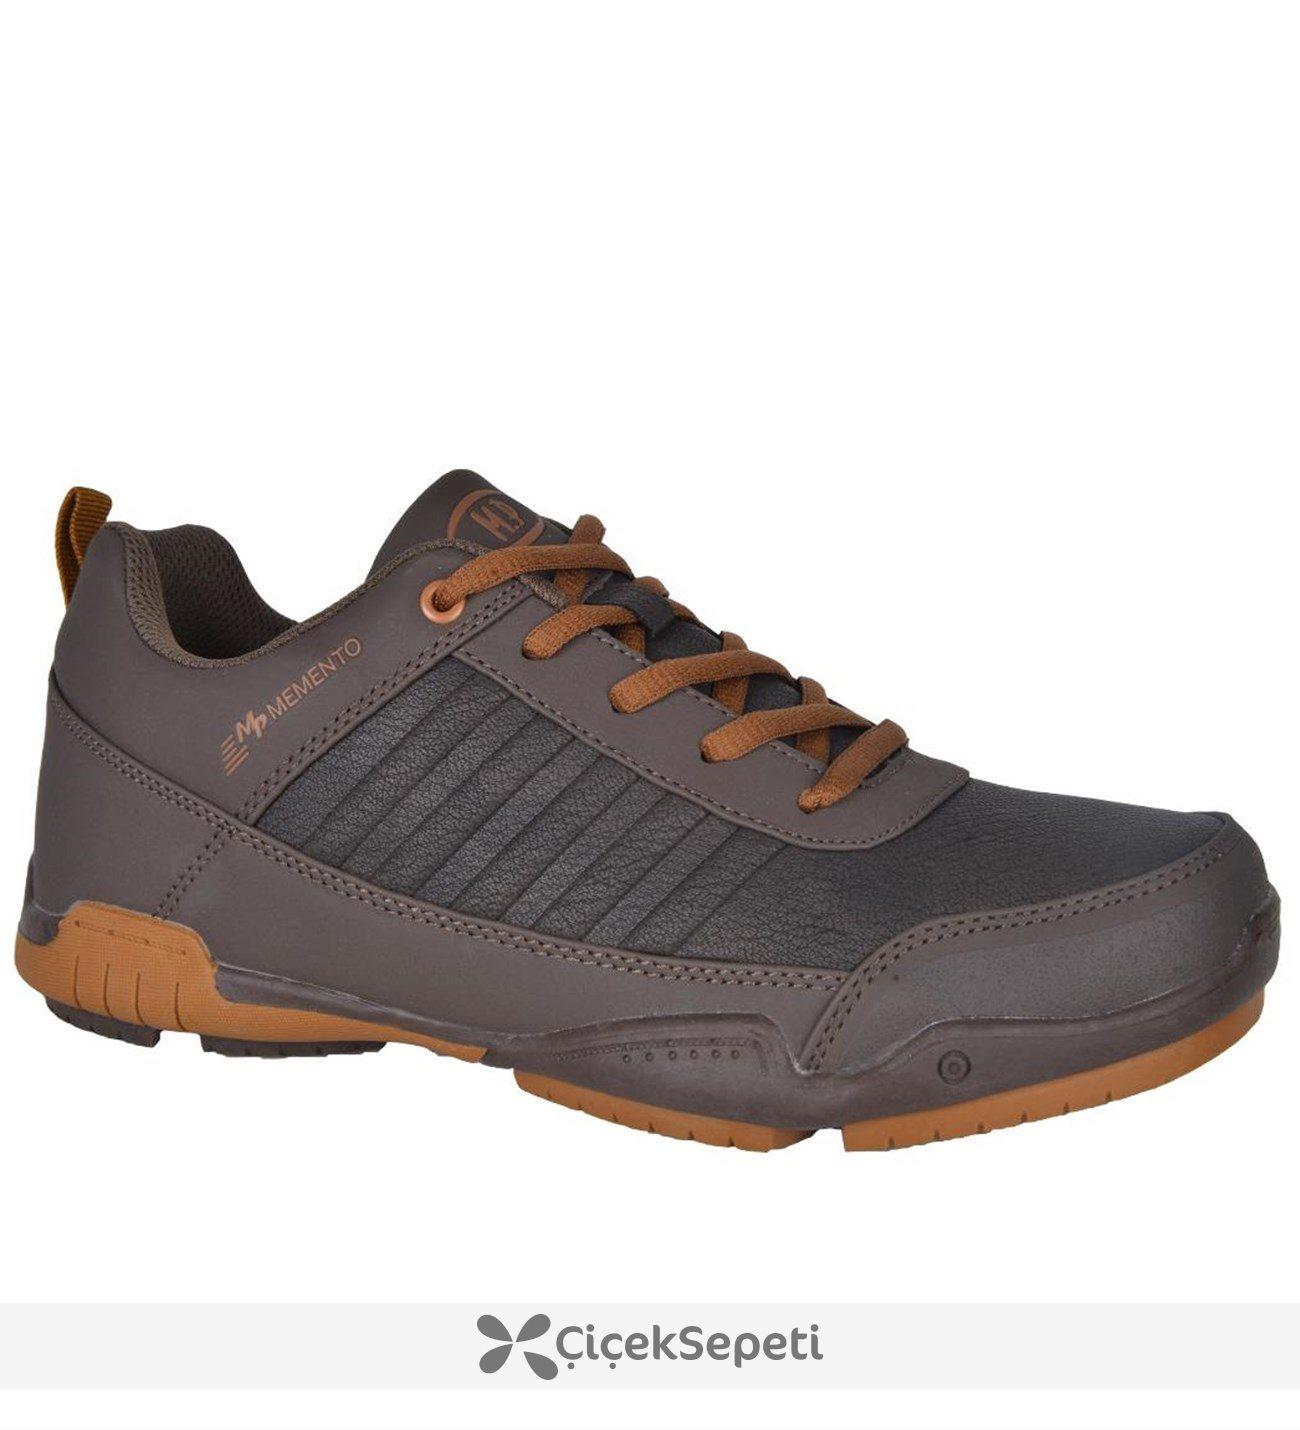 Mp 172-1742 Memento Bağcıklı Ortopedik Erkek Kışlık Spor Ayakkabı